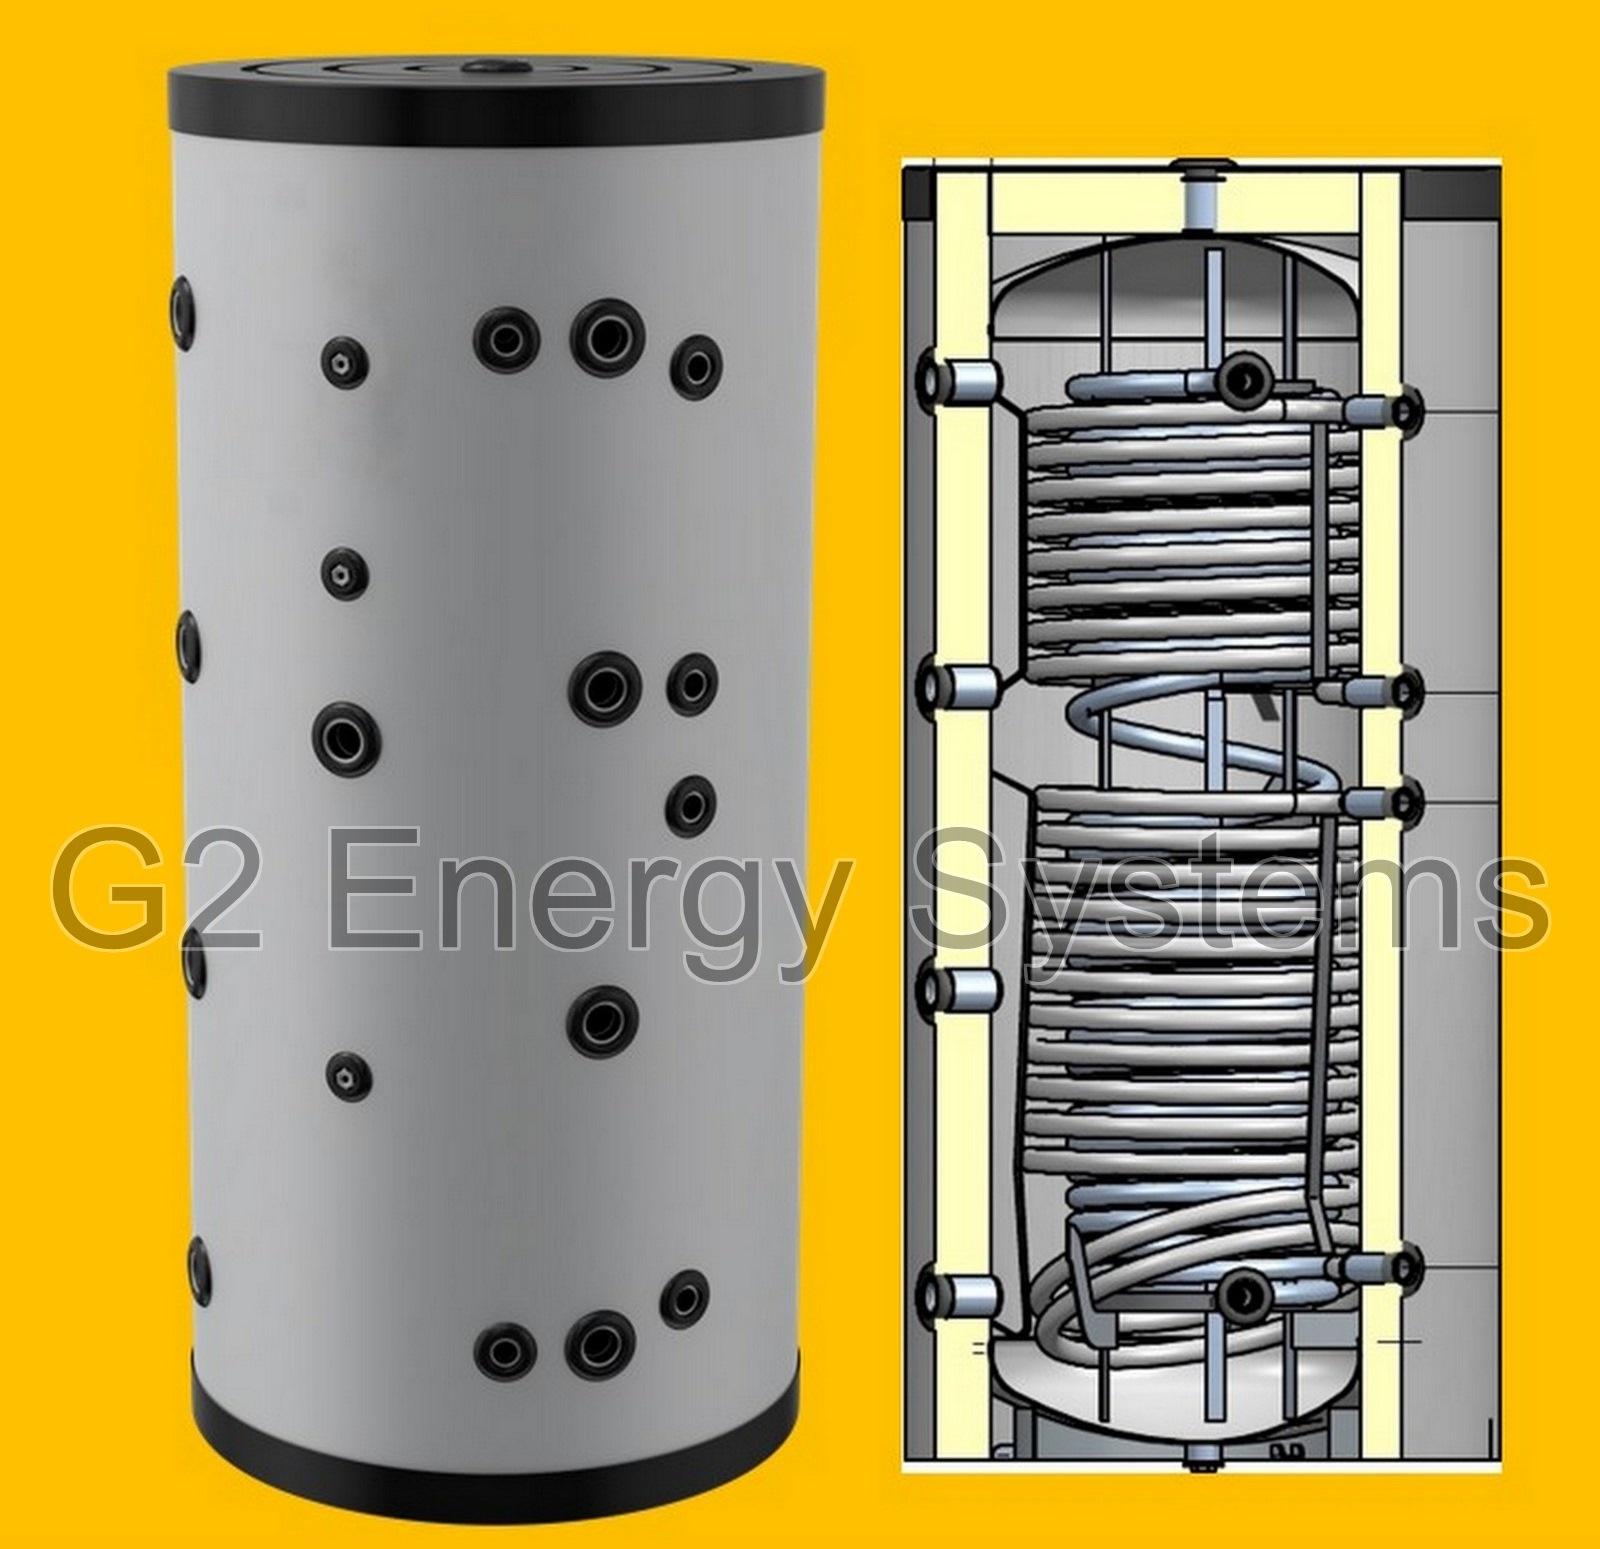 500 750 1000 liter hygienespeicher pufferspeicher mit 2 zus w rmetauscher bhkw ebay. Black Bedroom Furniture Sets. Home Design Ideas